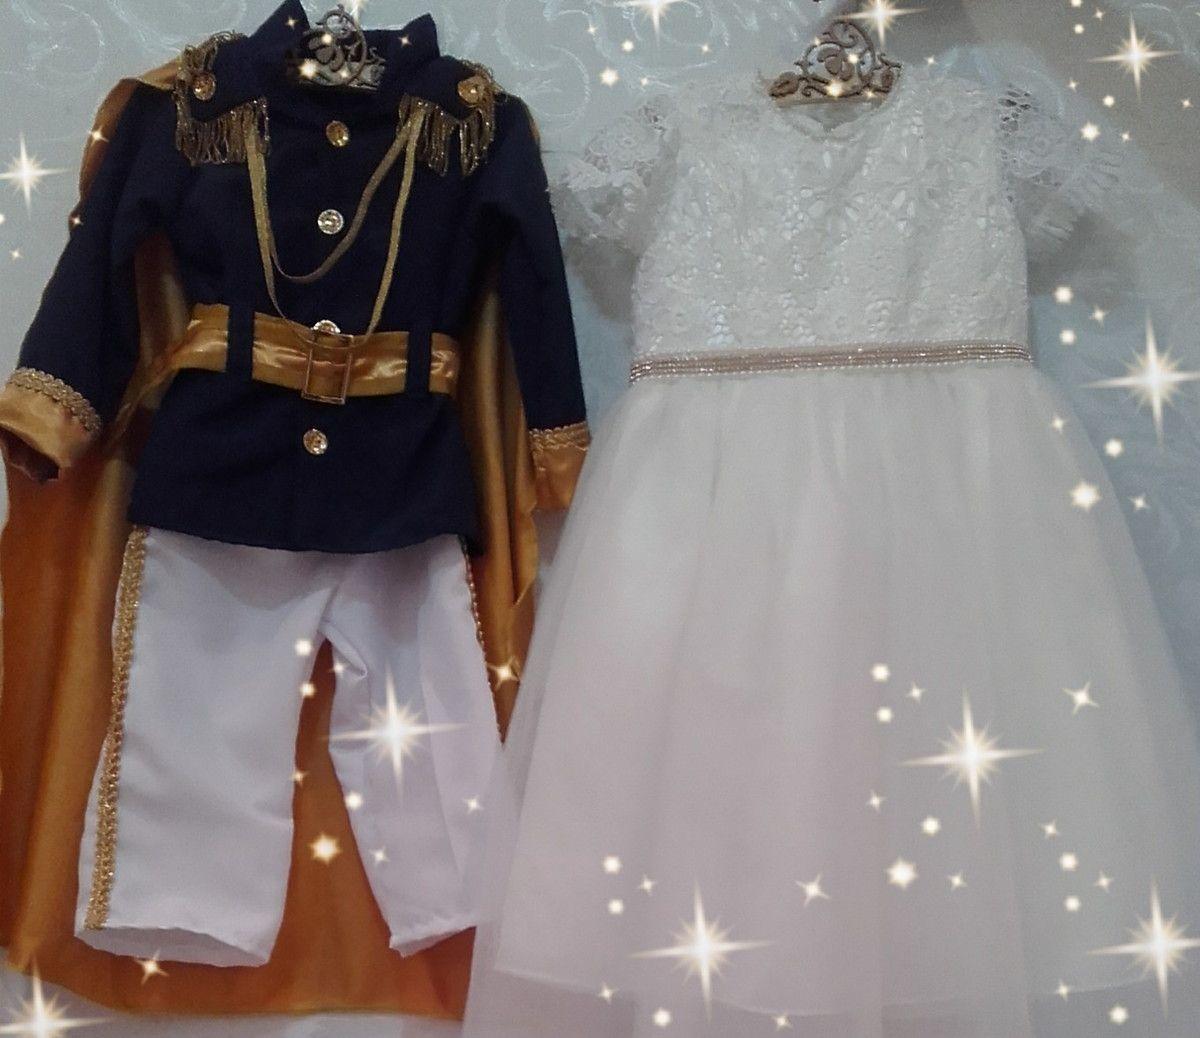 Linda fantasia de príncipe contendo:  -coroa;  -blazer;  -calça com detalhes;  -capa de príncipe.    O vestido é feito em renda gripir, tule e cetim. Lindos e riquíssimos detalhes em pérolas e Strass.  Fazemos em outras cores e tecidos também!    Super luxo para festas de príncipes e princesas!!!